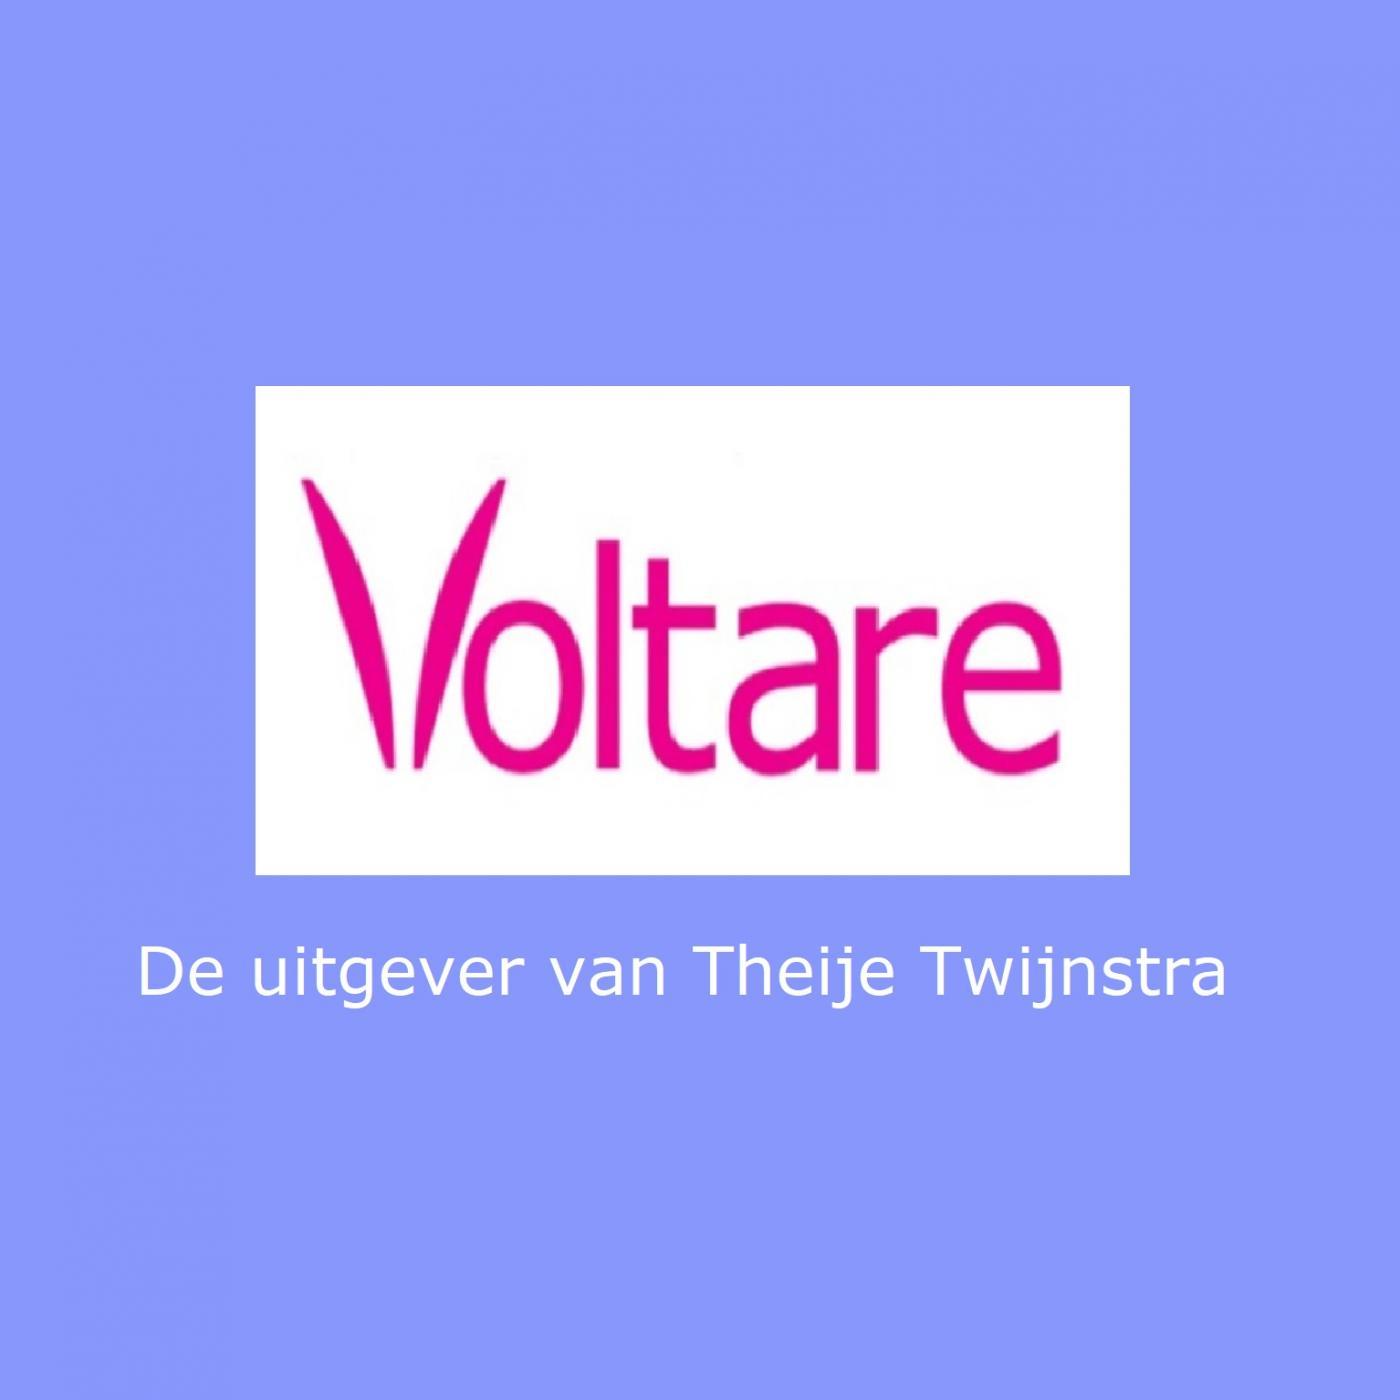 Cover Image Theije Twijnstra/Uitgeverij Voltare